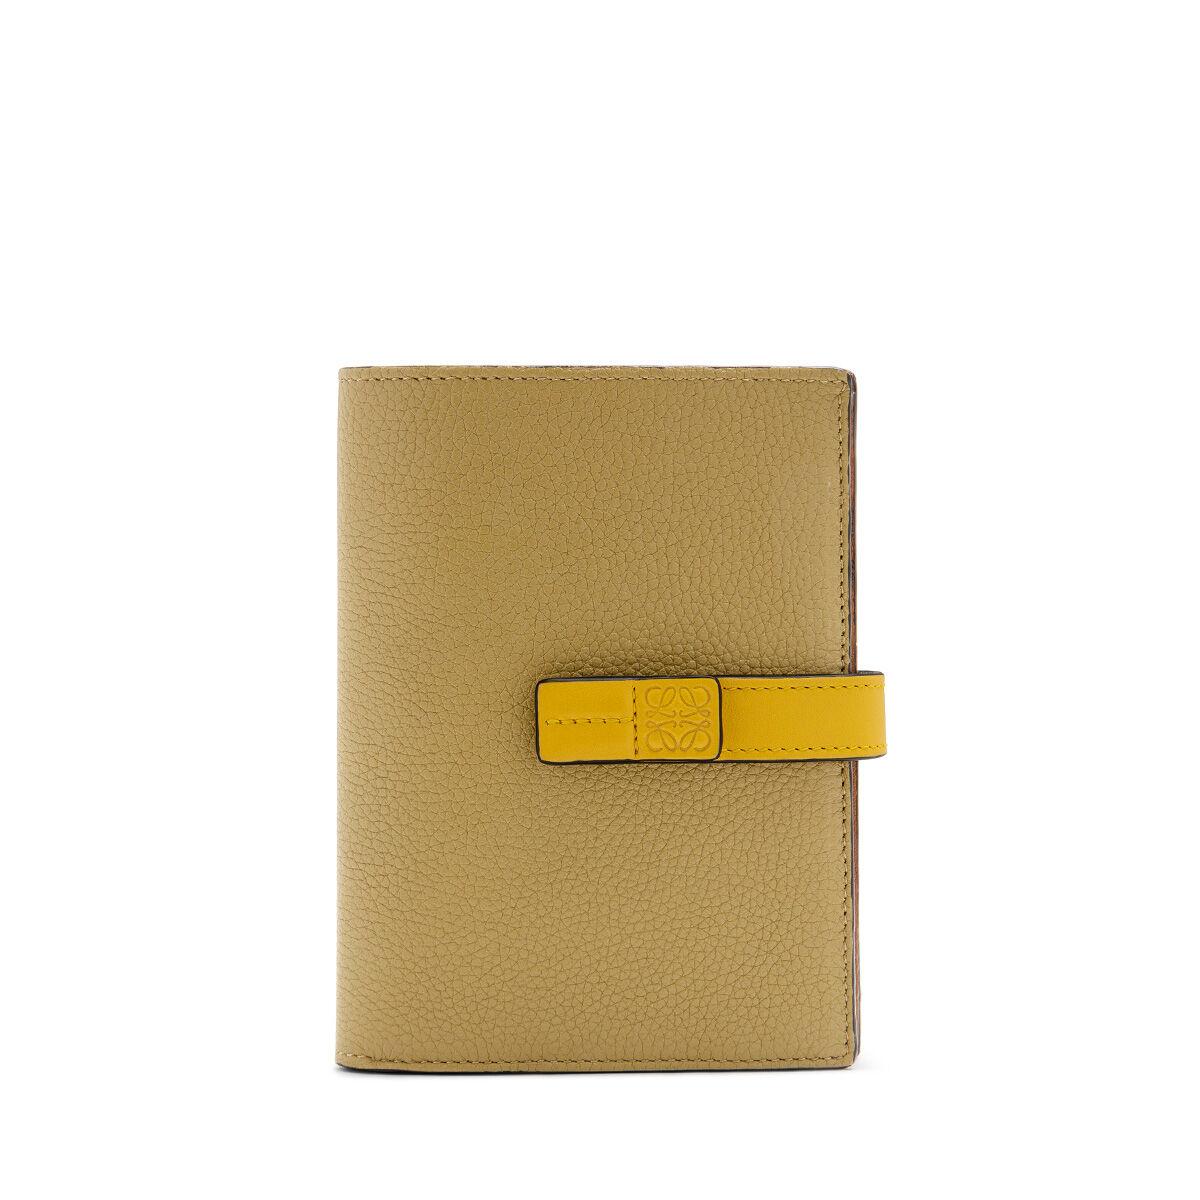 LOEWE Medium Vertical Wallet Leaf/Yellow all